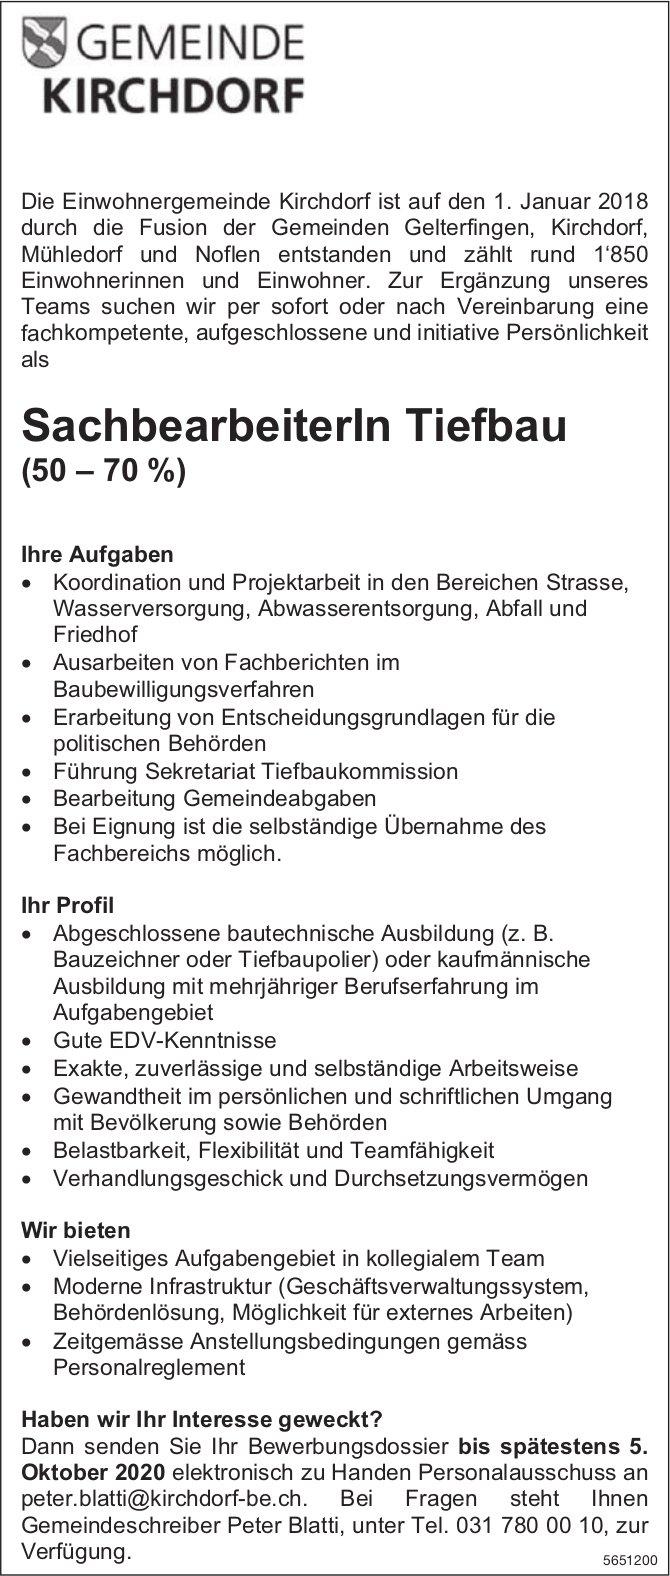 SachbearbeiterIn Tiefbau, Gemeinde, Kirchdorf,  gesucht